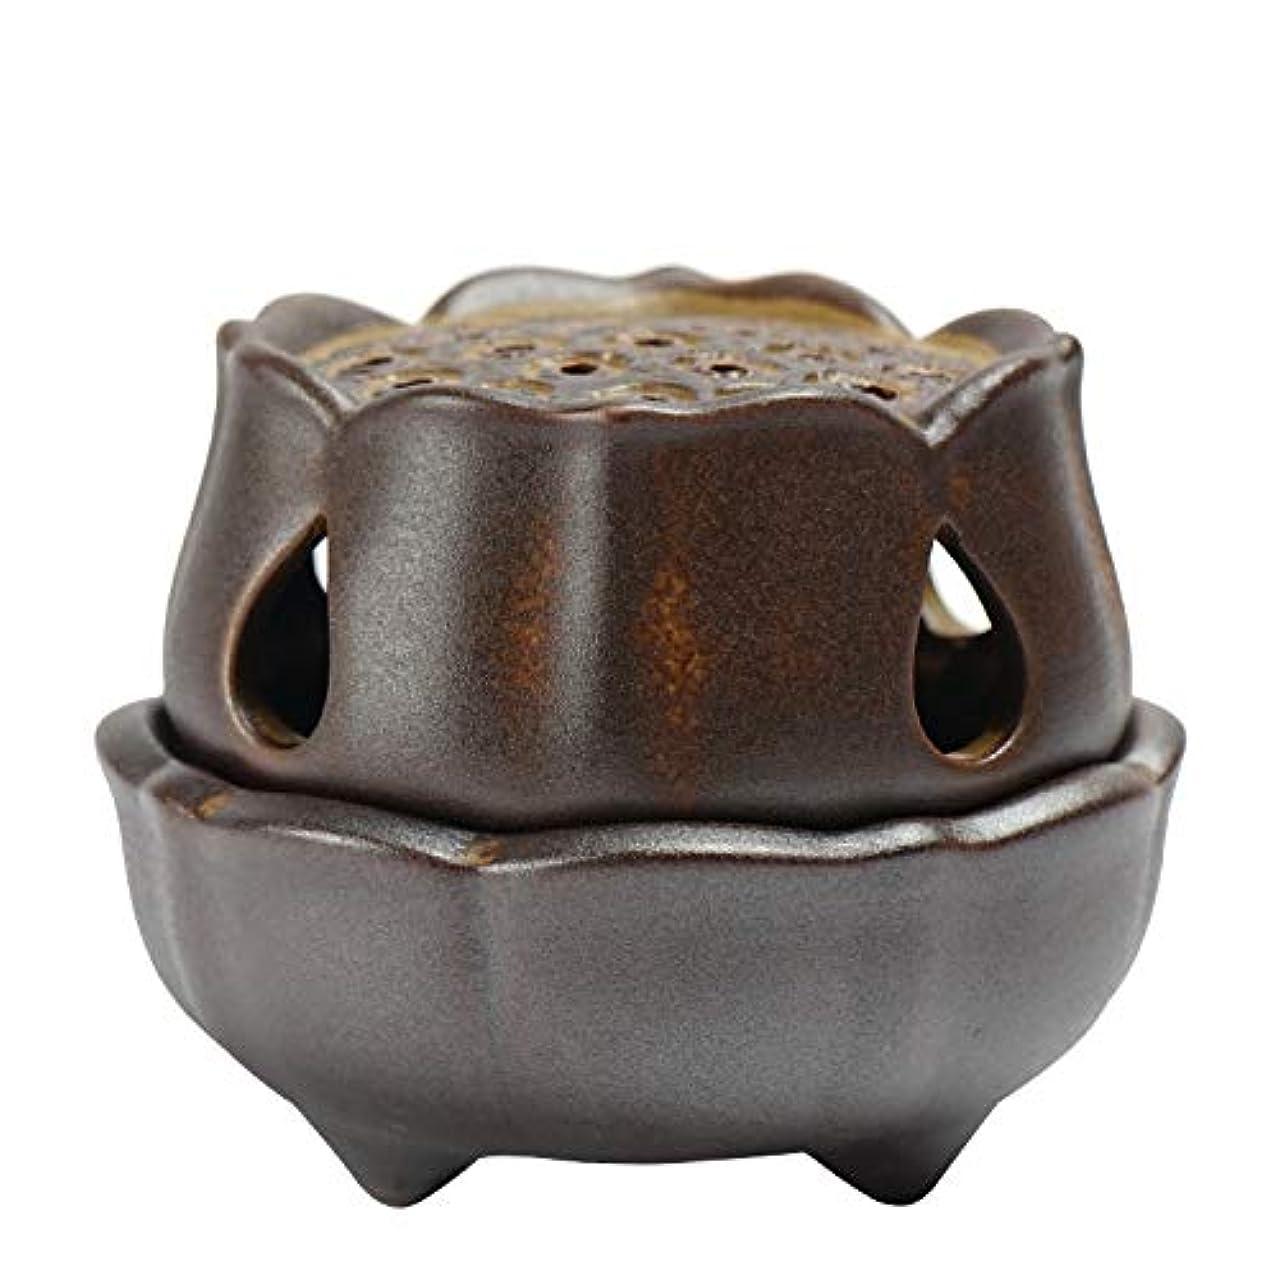 行商人したいトレイル仏の香のアロマセラピー炉9.5 * 8 * 7.3cmのための滝の背部香の棒家族の芳香バーナーの還流の蝋燭の棒の陶磁器